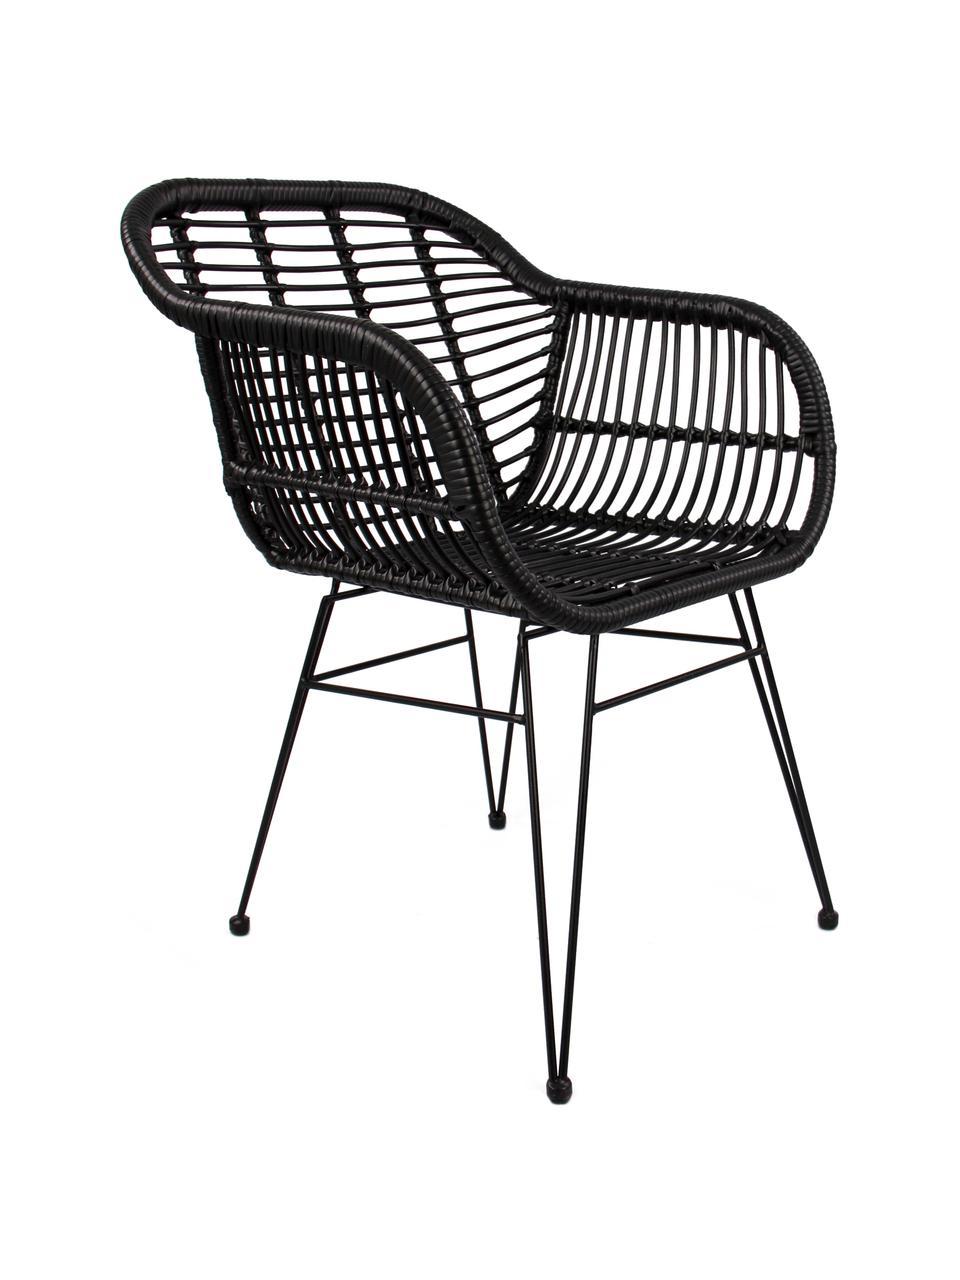 Sedia intrecciata con braccioli Costa 2 pz, Seduta: intreccio in polietilene, Struttura: metallo verniciato a polv, Nero, Larg. 59 x Prof. 58 cm